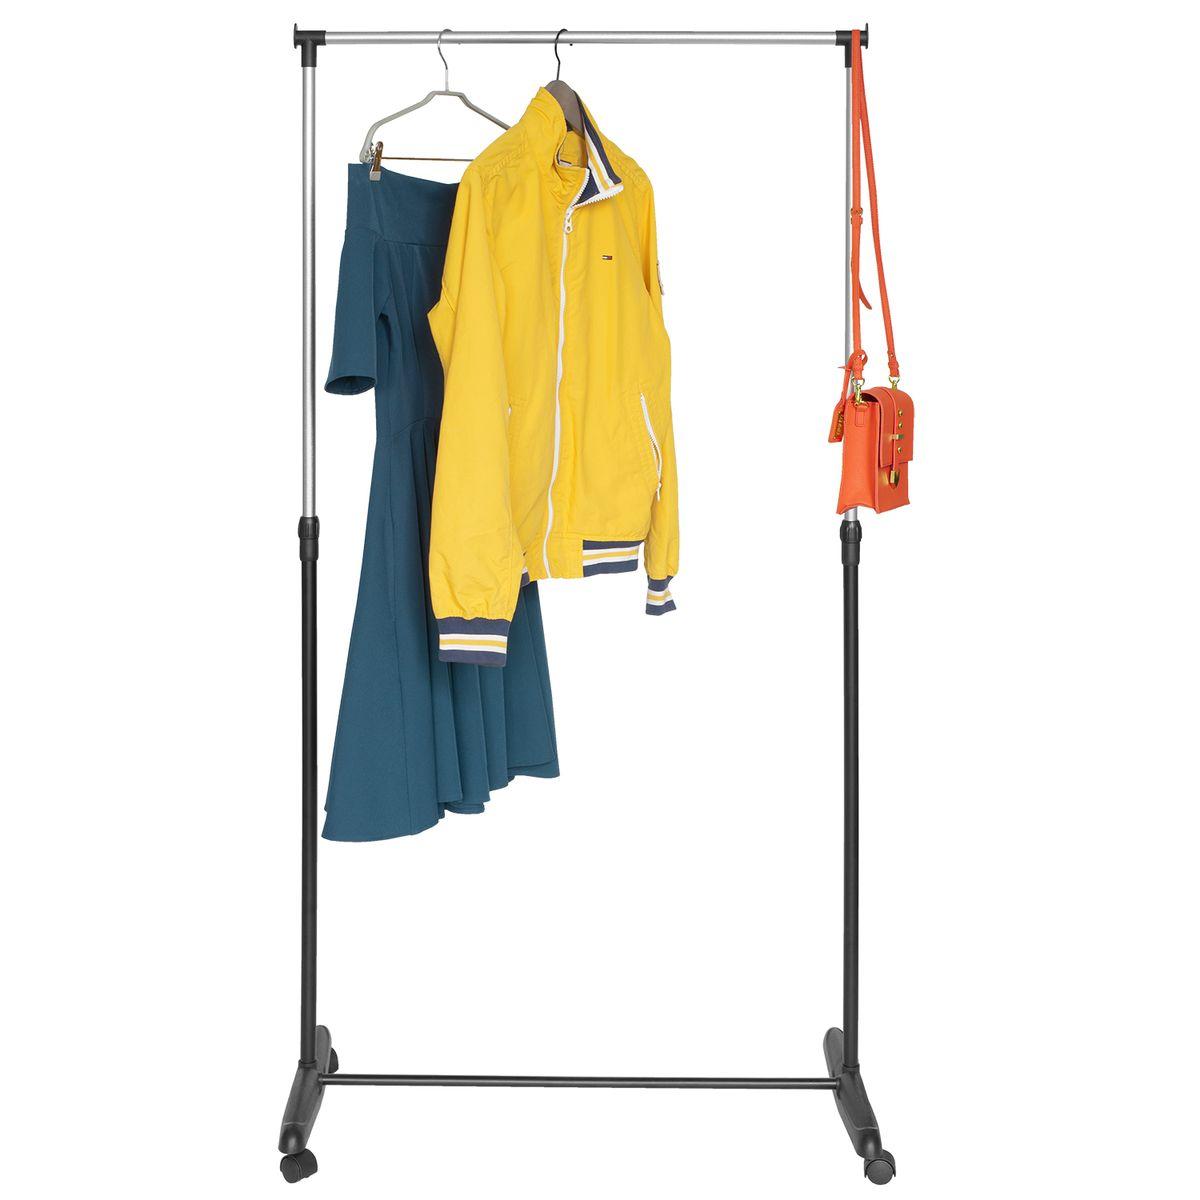 Стойка для одежды Мобильная Artmoon Sam, цвет: черный хром699355Artmoon SAM Мобильная стойка для одежды, размер: 81x40x90 -160(В) см, окрашенная сталь, колеса обеспечивают мобильность.